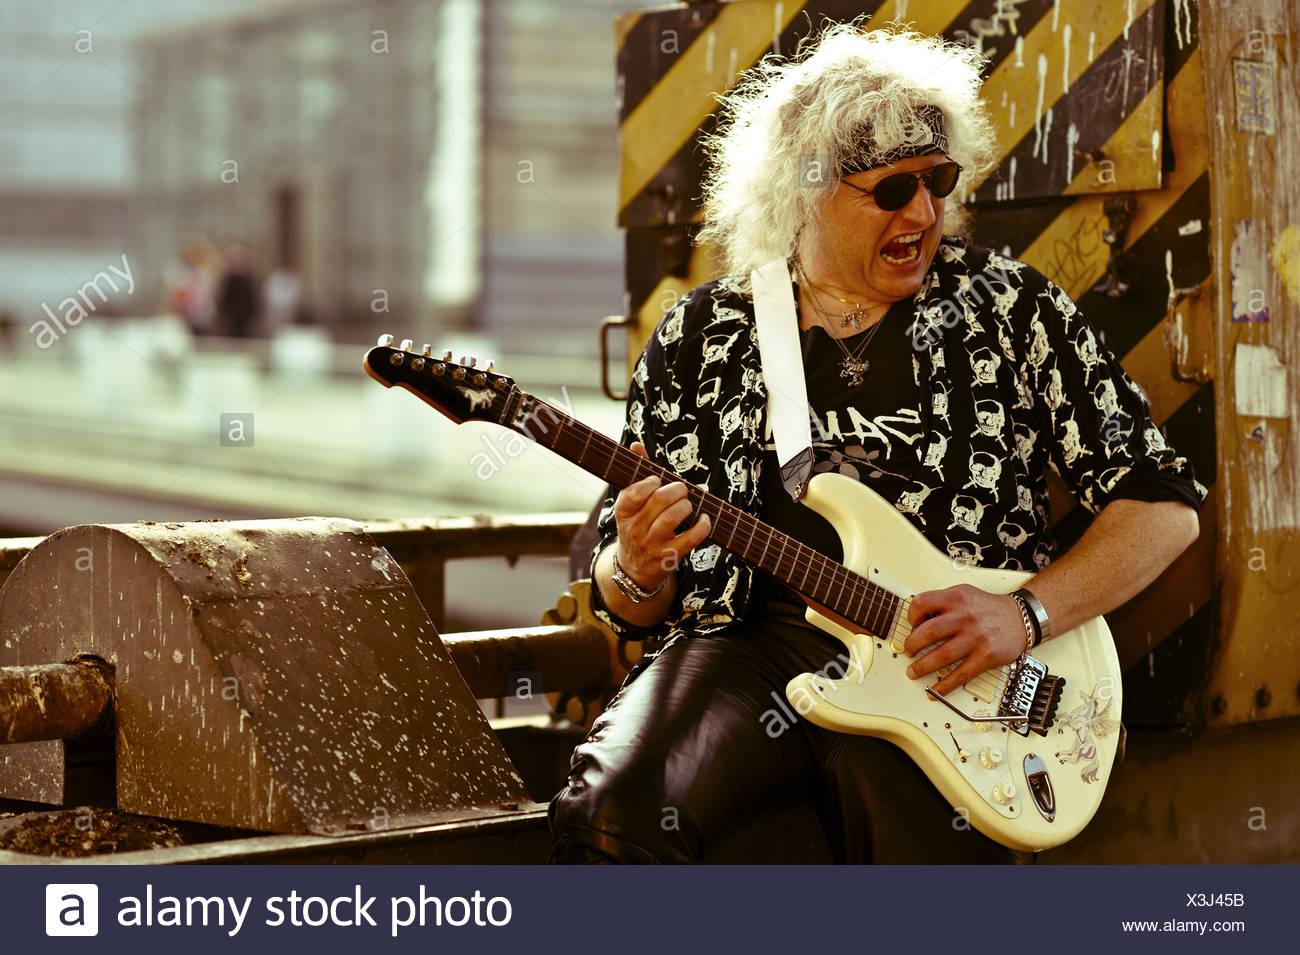 Rock-Musik und alte Industriestandorte Stockbild